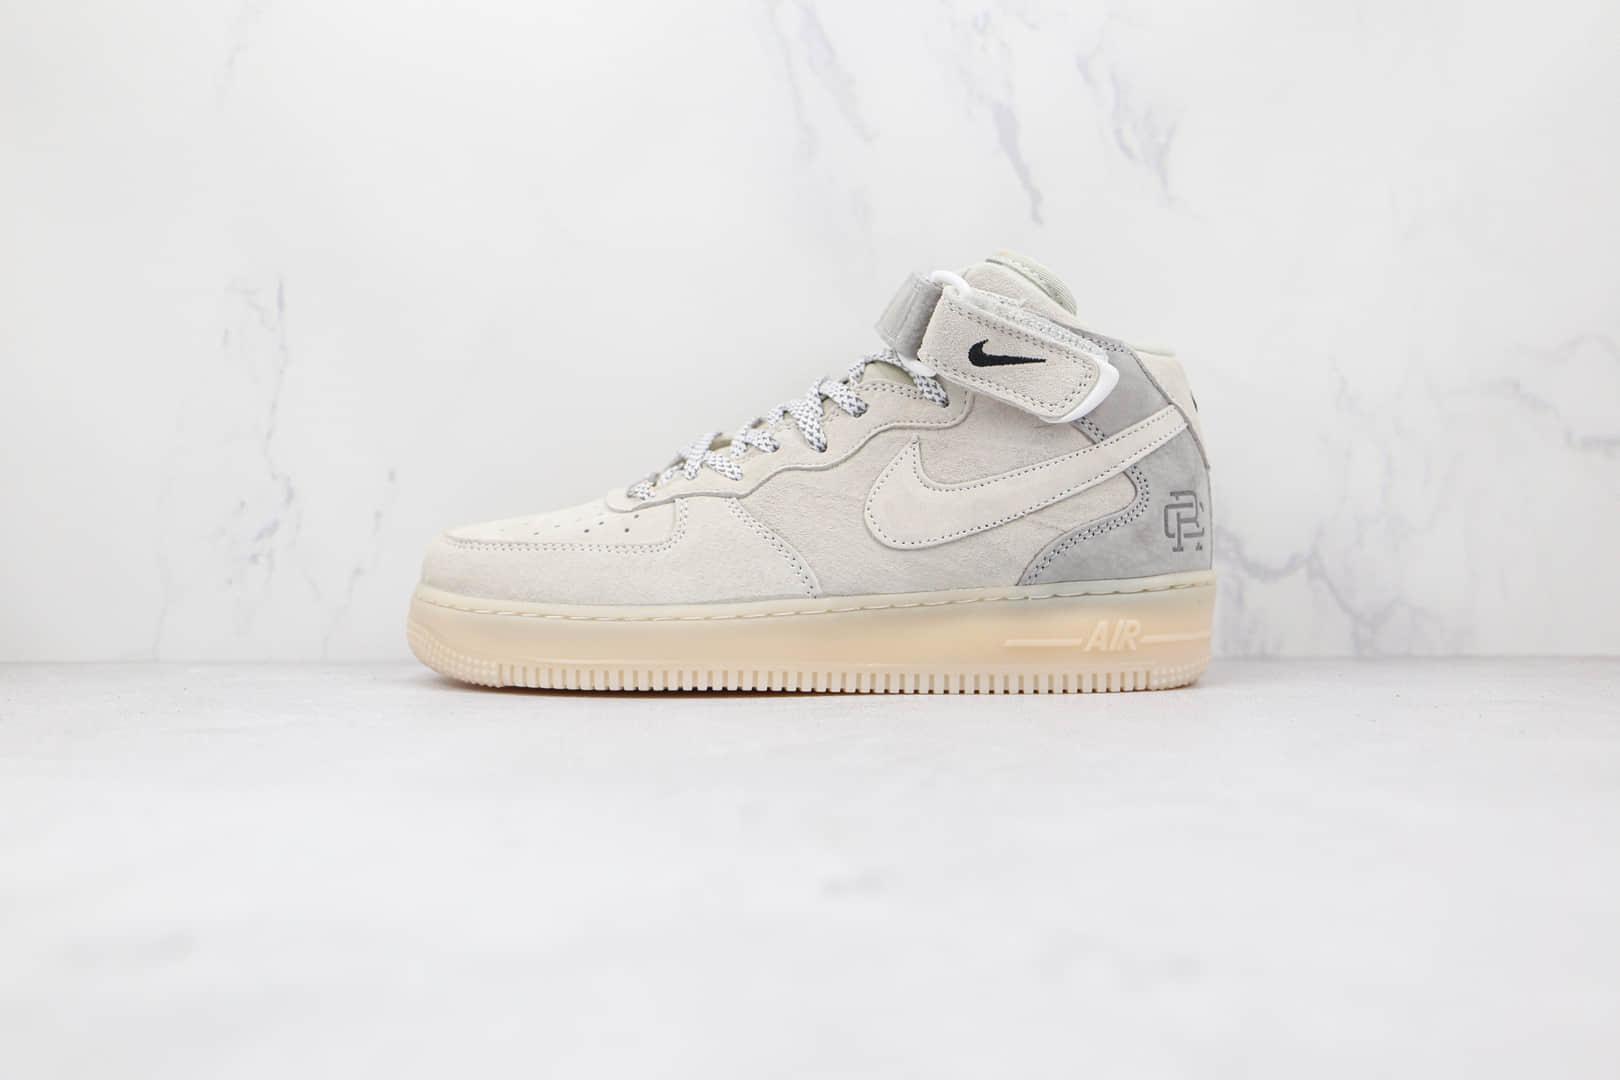 耐克Nike Air Force 1 Mid '07 x Reigning Champ联名款纯原版本中帮空军一号麂皮浅灰色卫冕冠军板鞋内置气垫 货号:807618-300